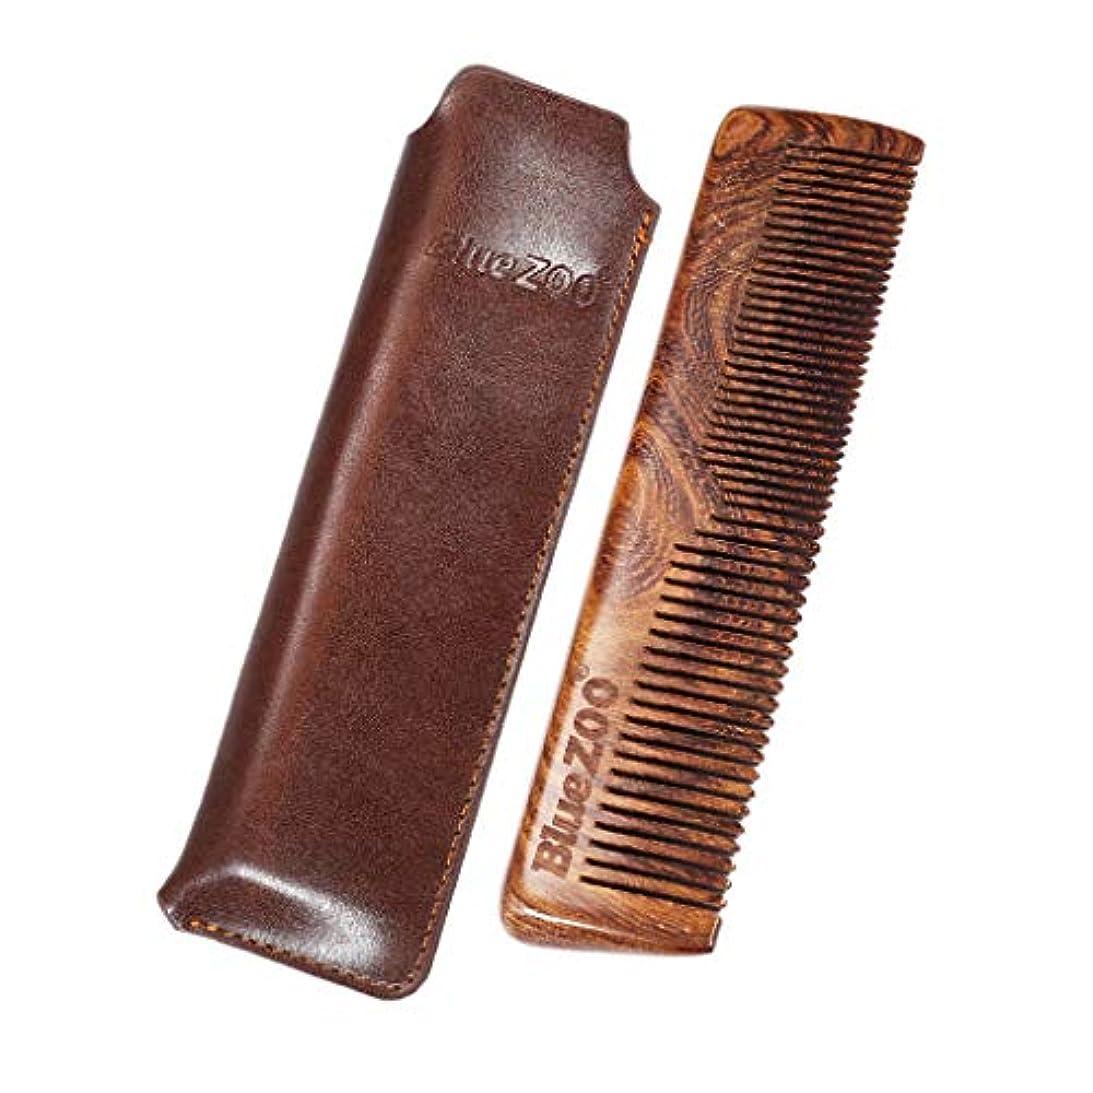 B Blesiya ウッド 櫛 静電気防止櫛 ひげ櫛 収納バッグ メンズ プレゼント 2色選べ - 褐色